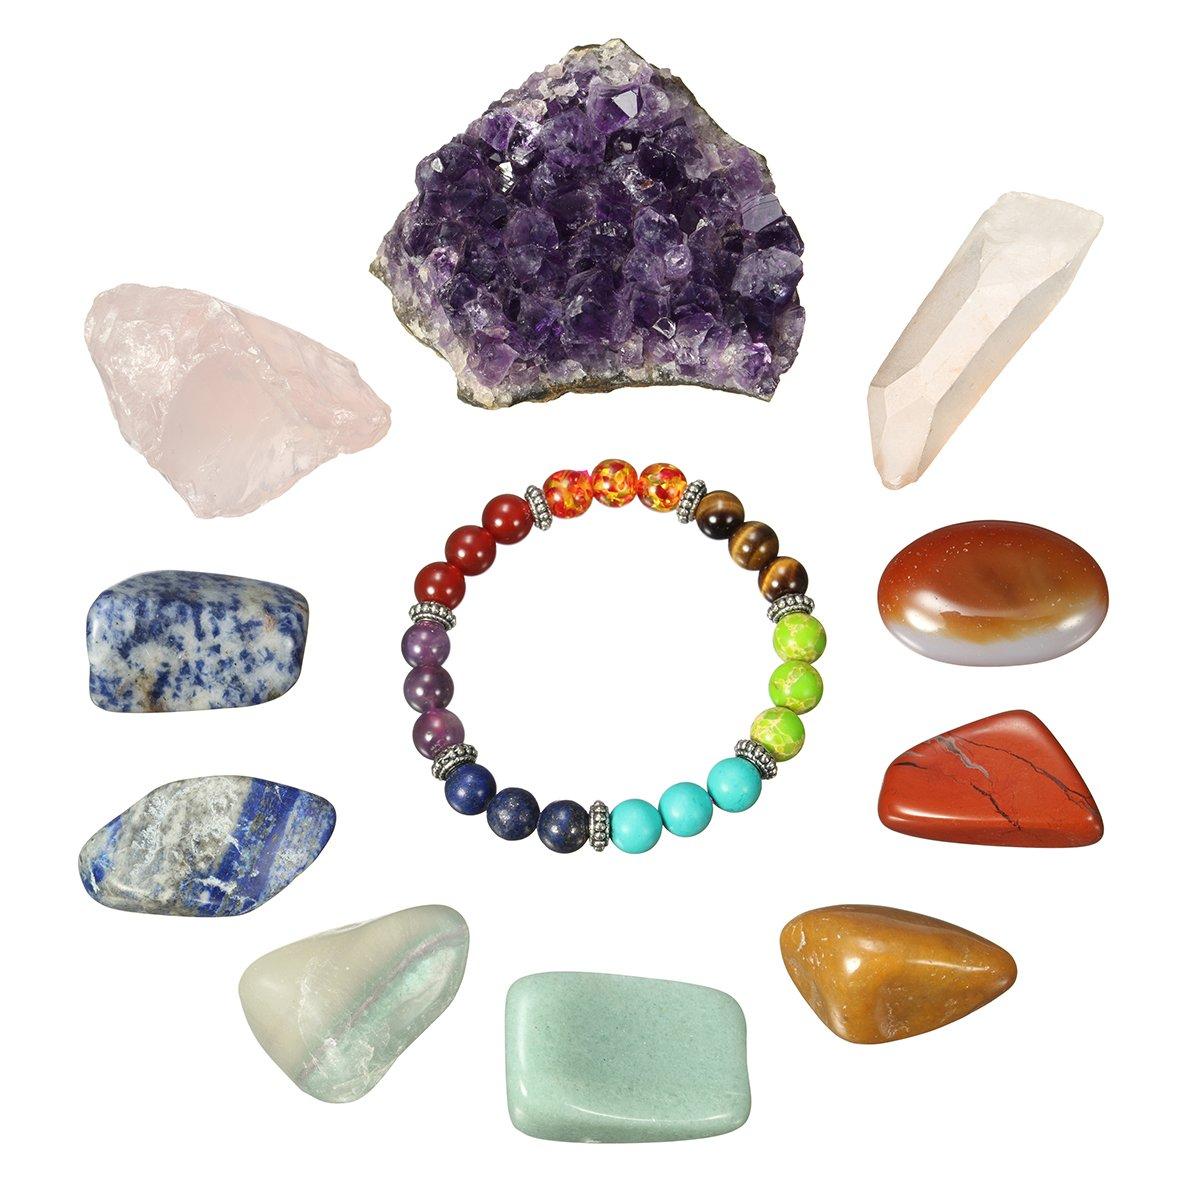 Edelsteine set, Charminer natürlicher Quarz-Kristall Heilsteine Halbedelsteine Dekosteine 11Stück Steine für Glück die Dekoration die Gesundheit Chraminer CHARMINERKO5TO3BA186